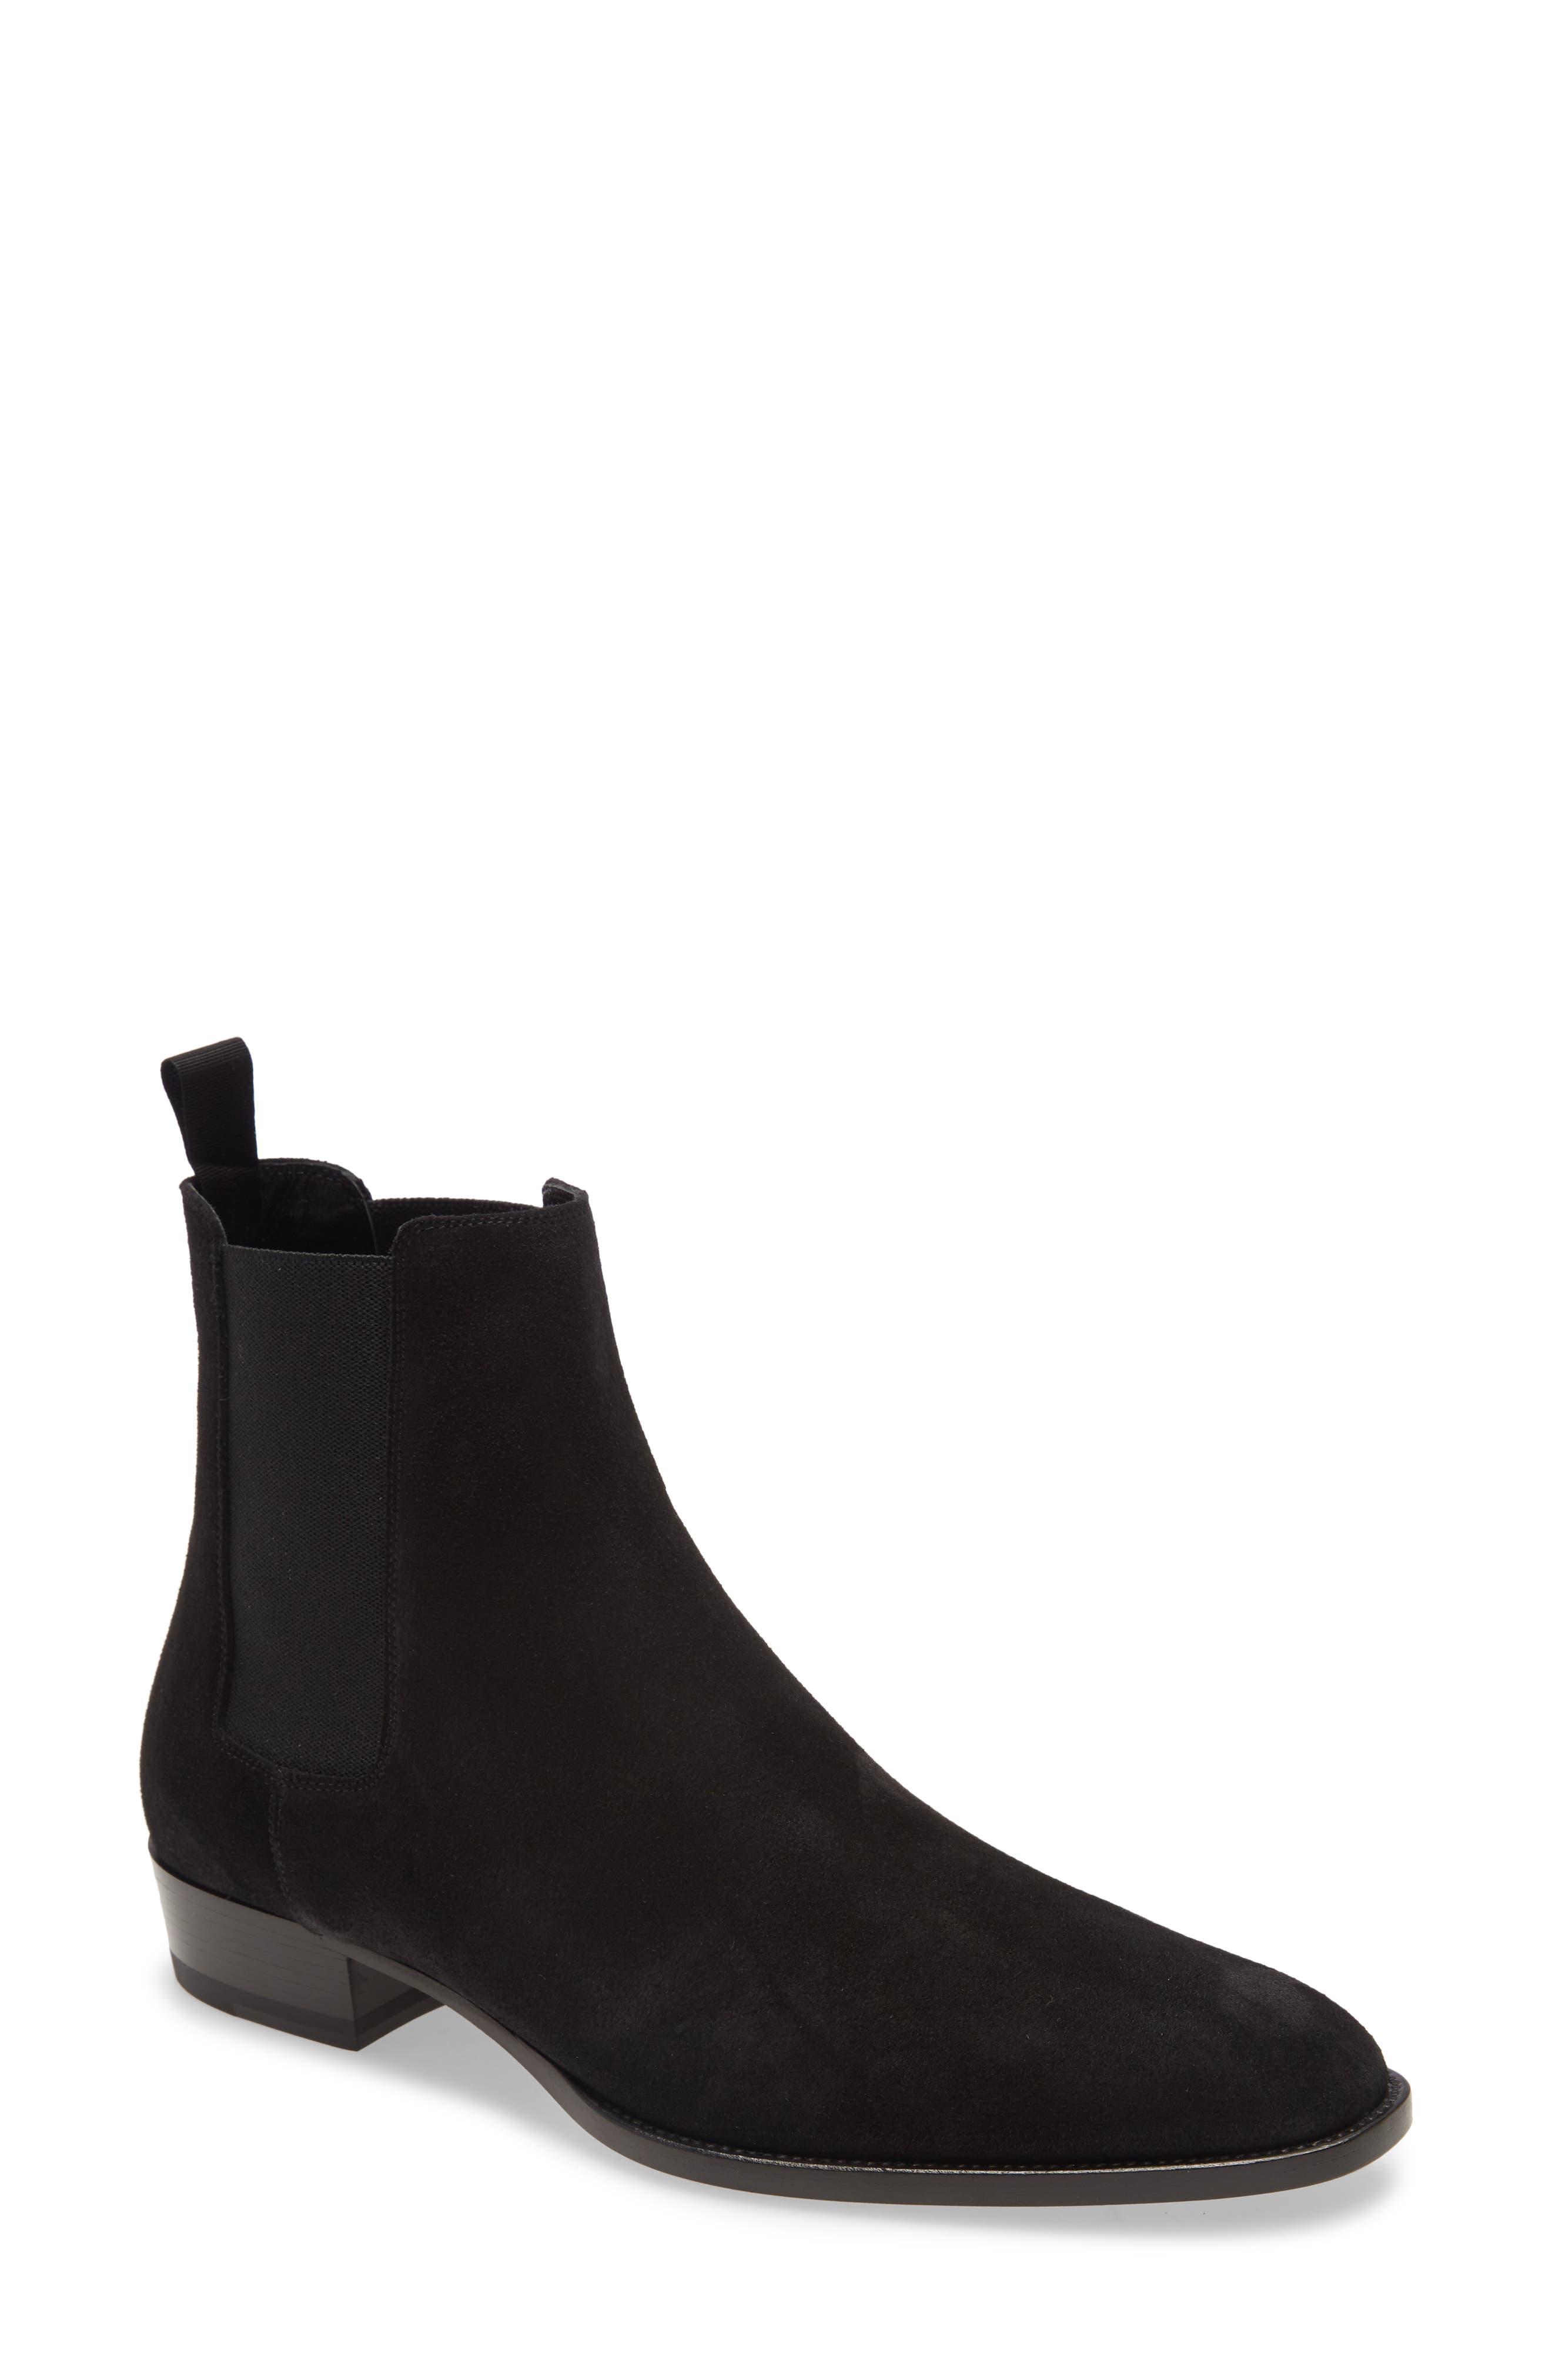 saint laurent shoes price